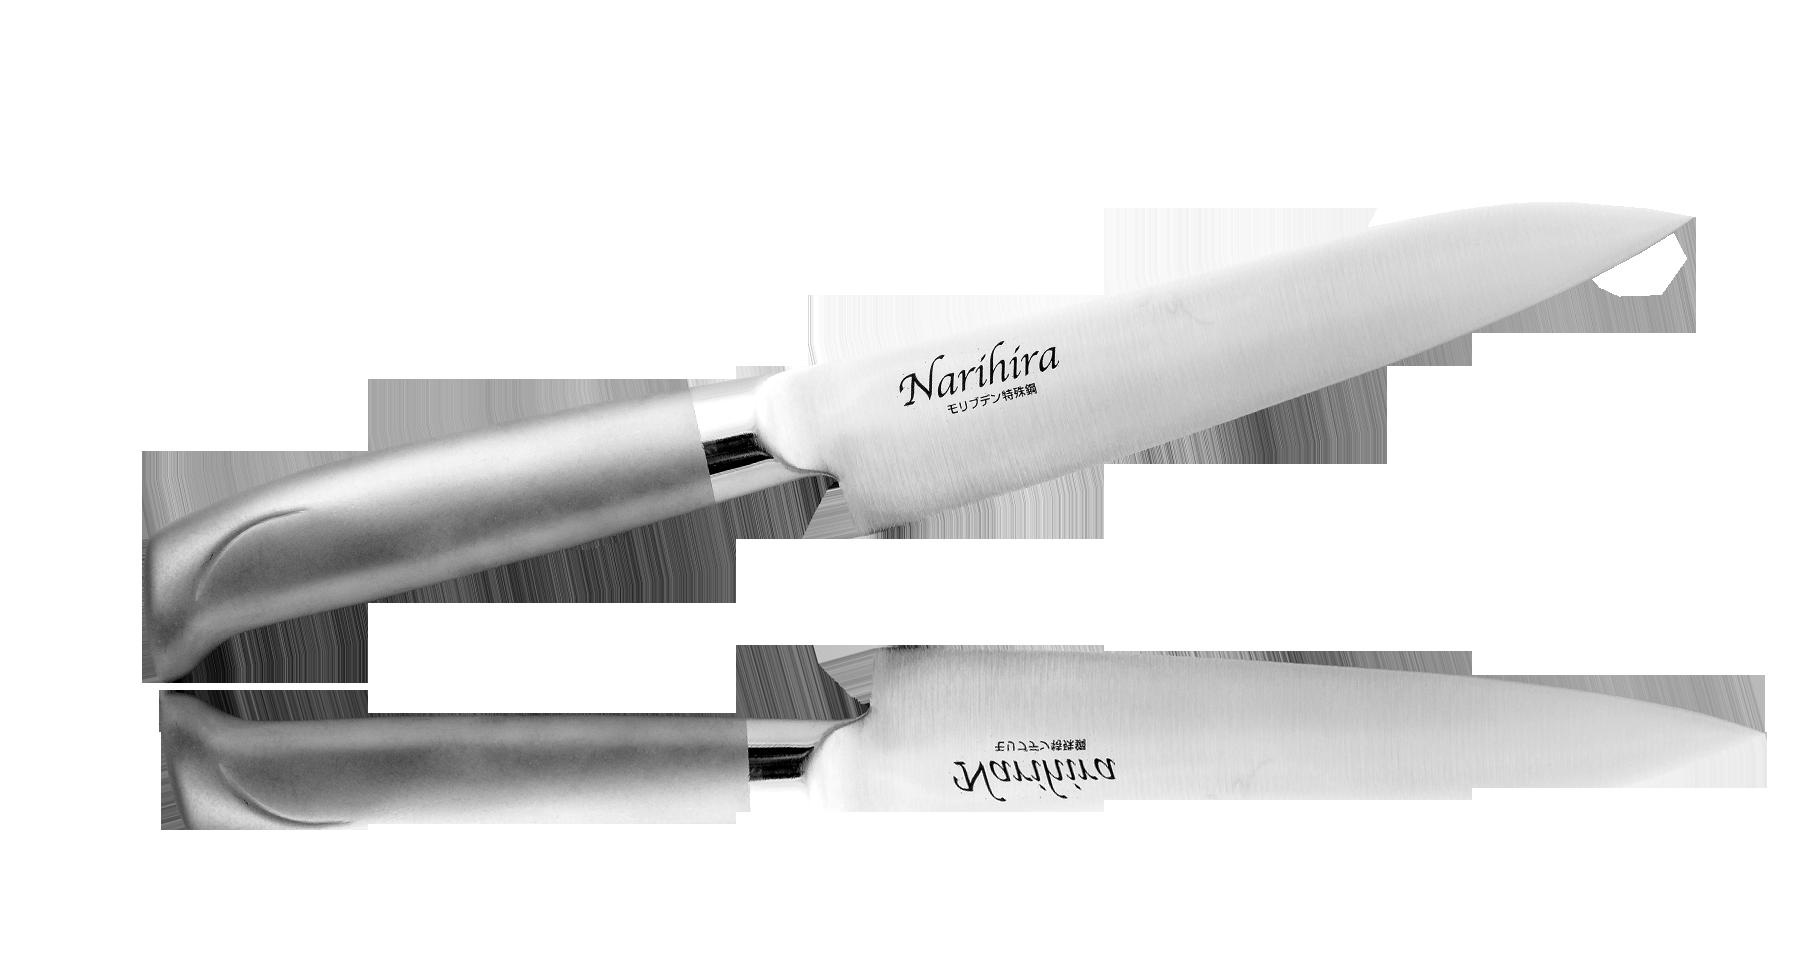 Нож Универсальный Narihira 150 мм, сталь AUS-8, стальная рукоятьНожи шефа (поварские ножи)<br>Нож Универсальный Narihira 150 мм, сталь AUS-8, стальная рукоять<br>